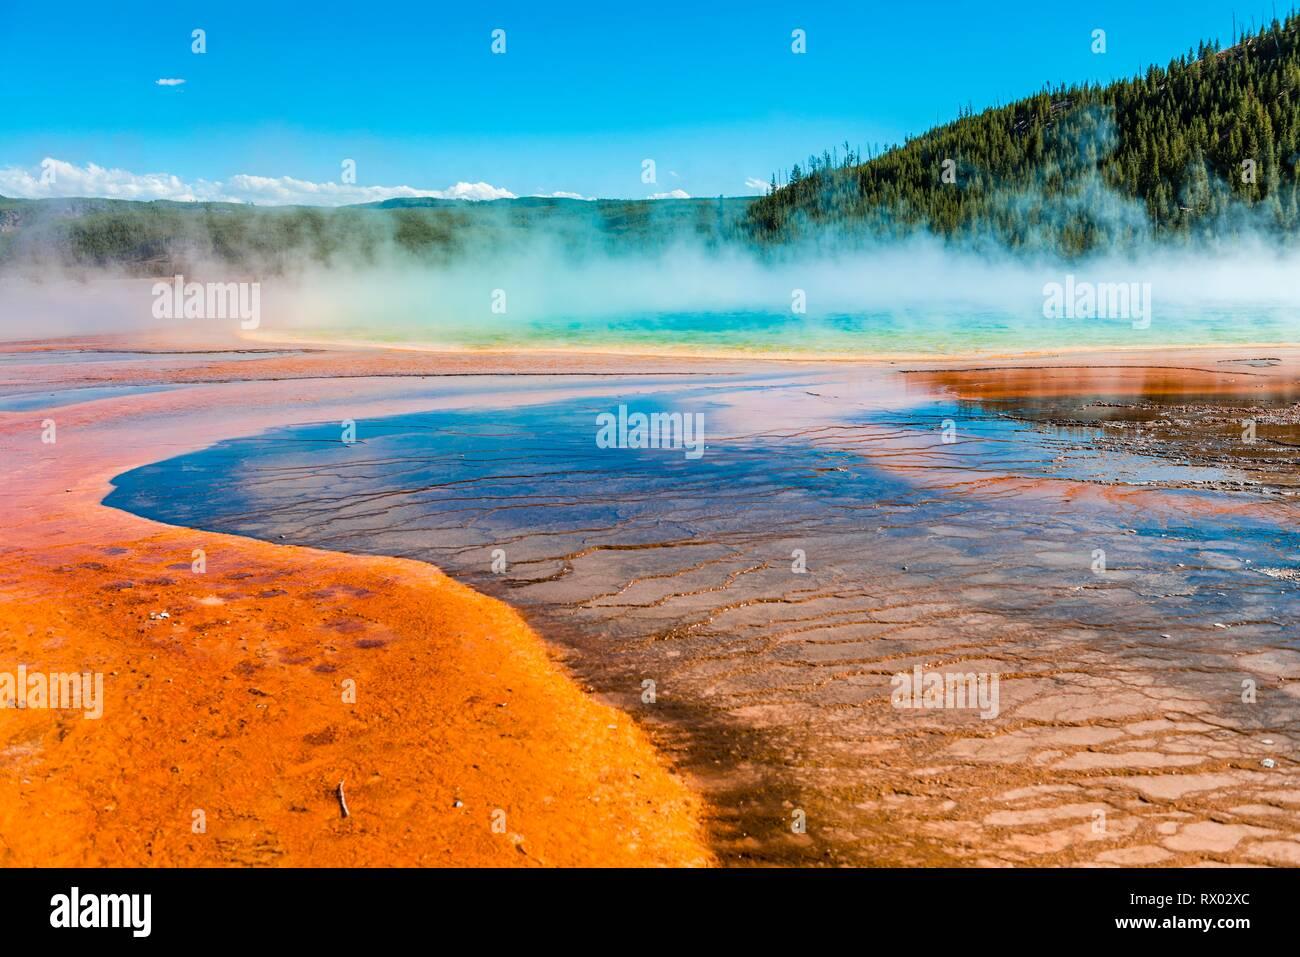 Los depósitos minerales de color en el borde del muelle de vapor caliente, vista detallada, Grand Prismatic Spring, Midway Geyser Basin Foto de stock